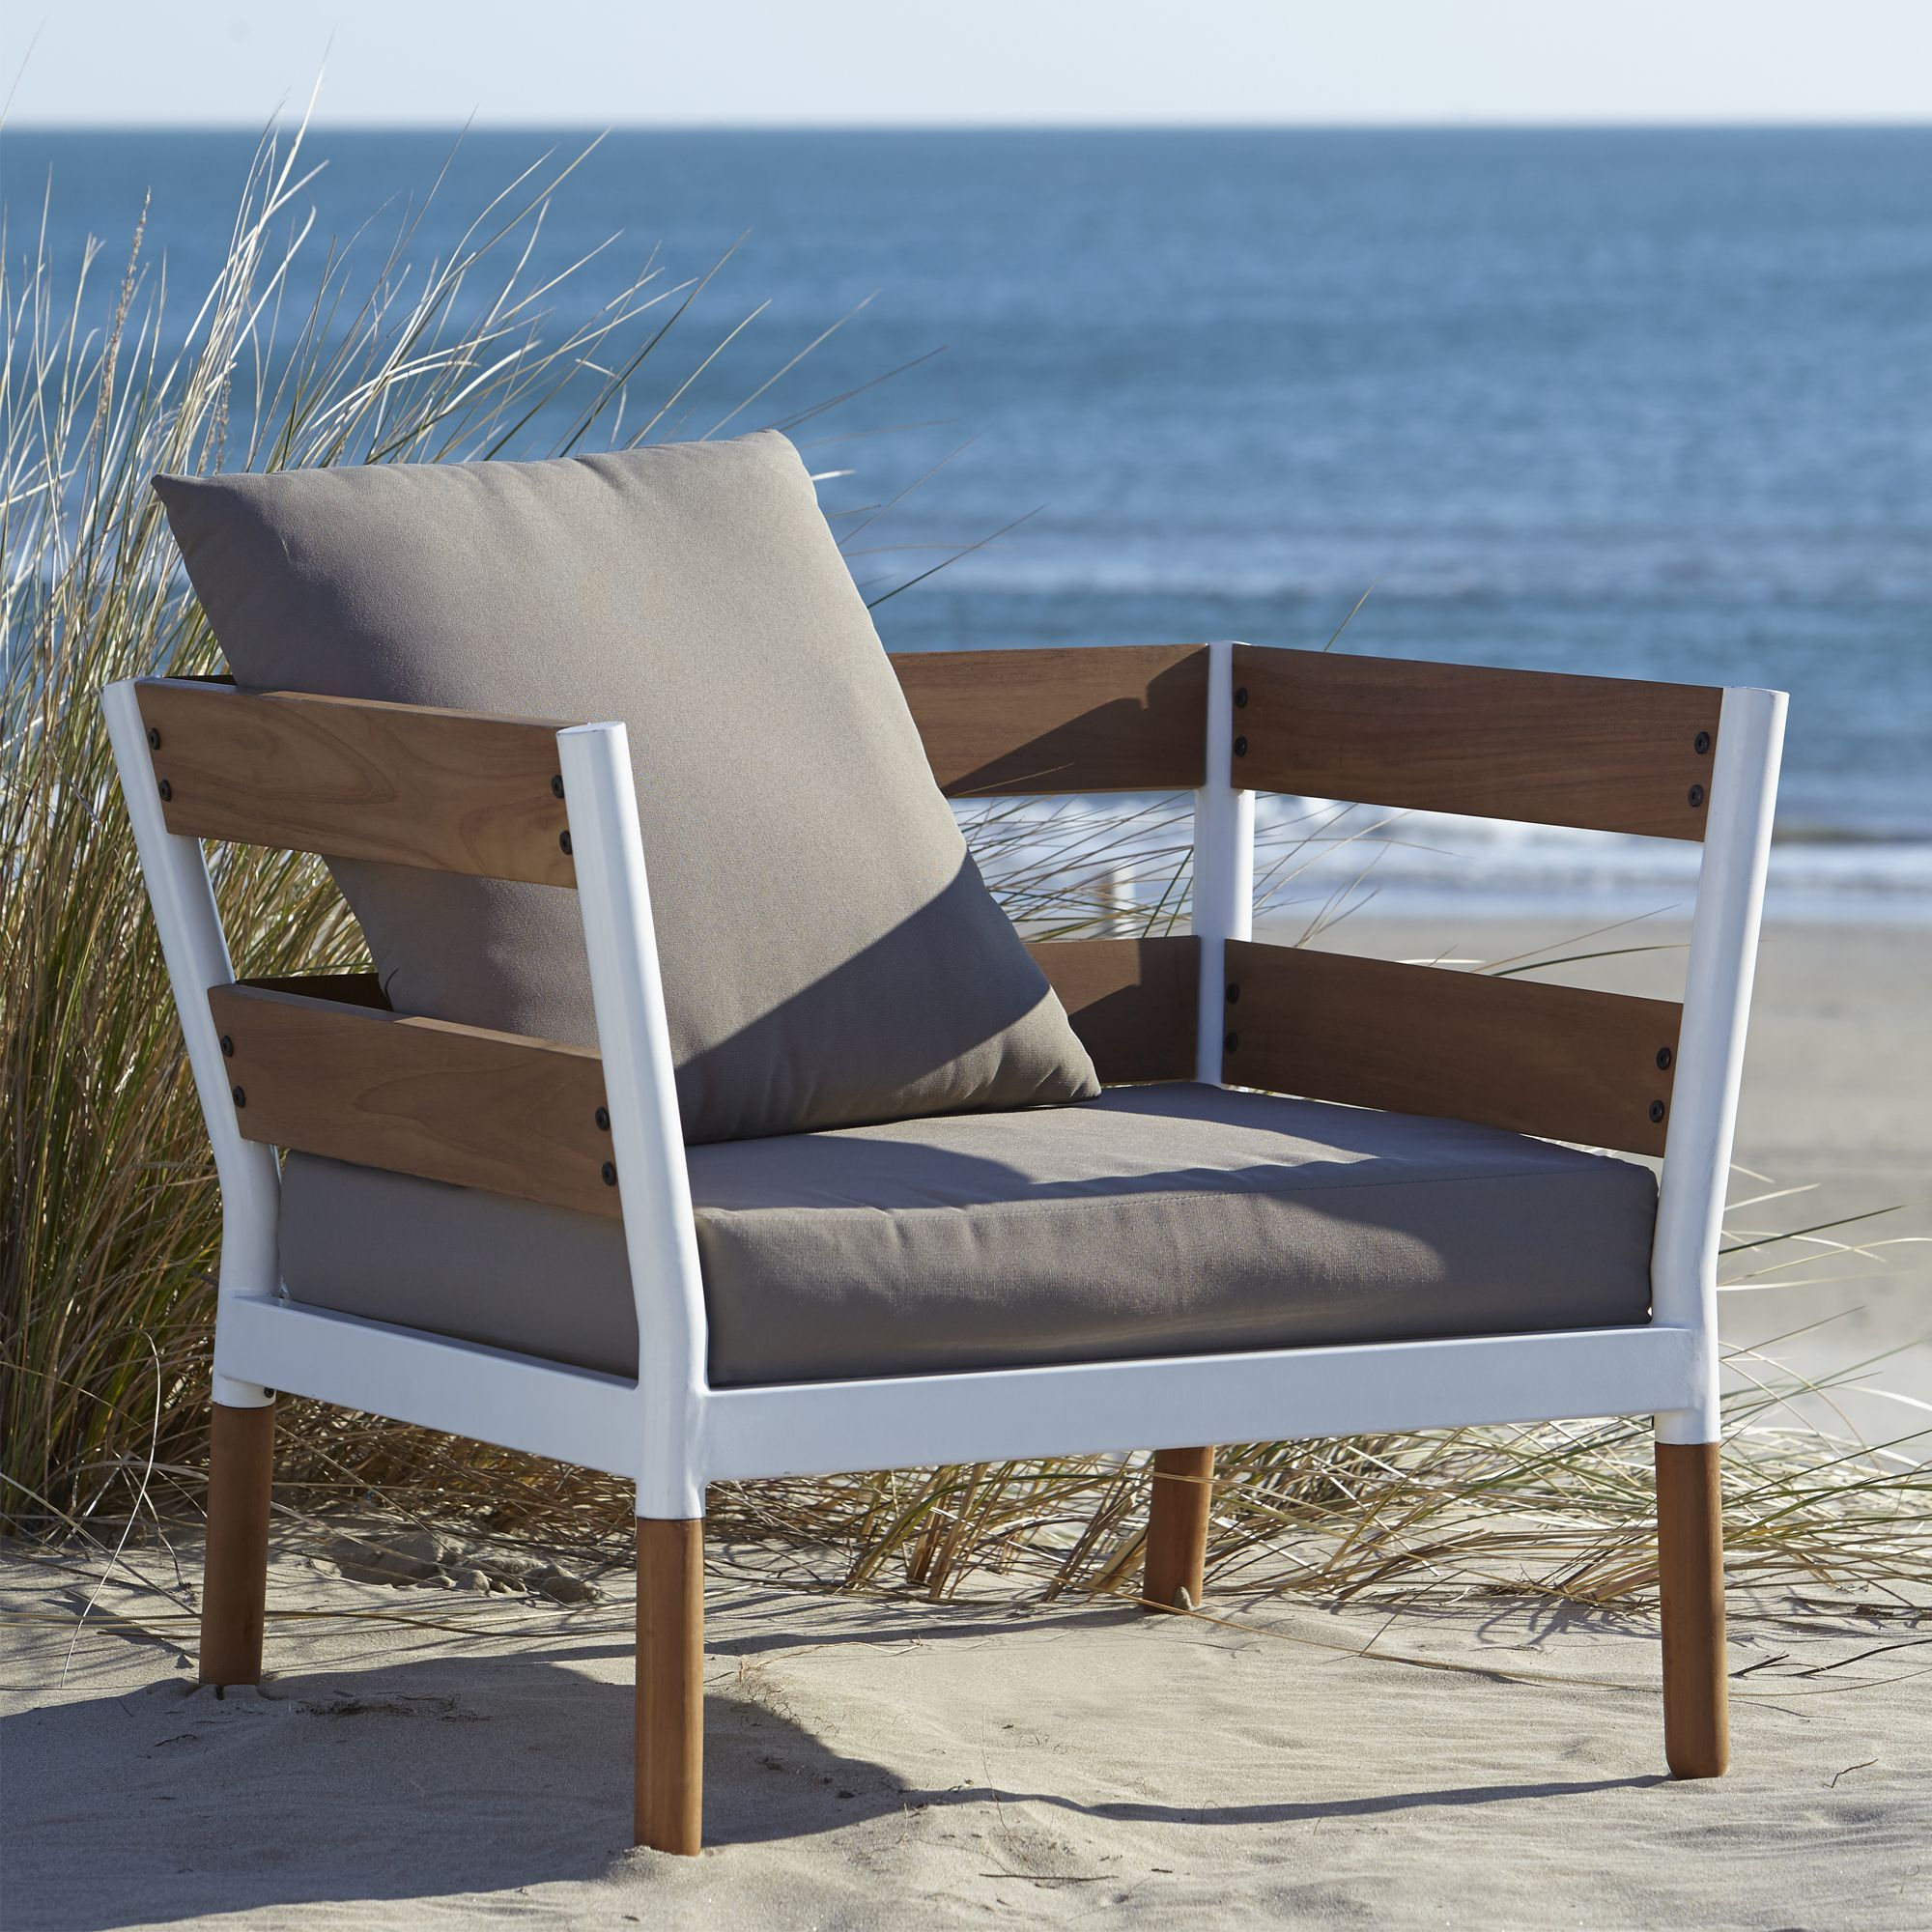 Fauteuil de jardin design Blanc taupe Blush Les fauteuils de